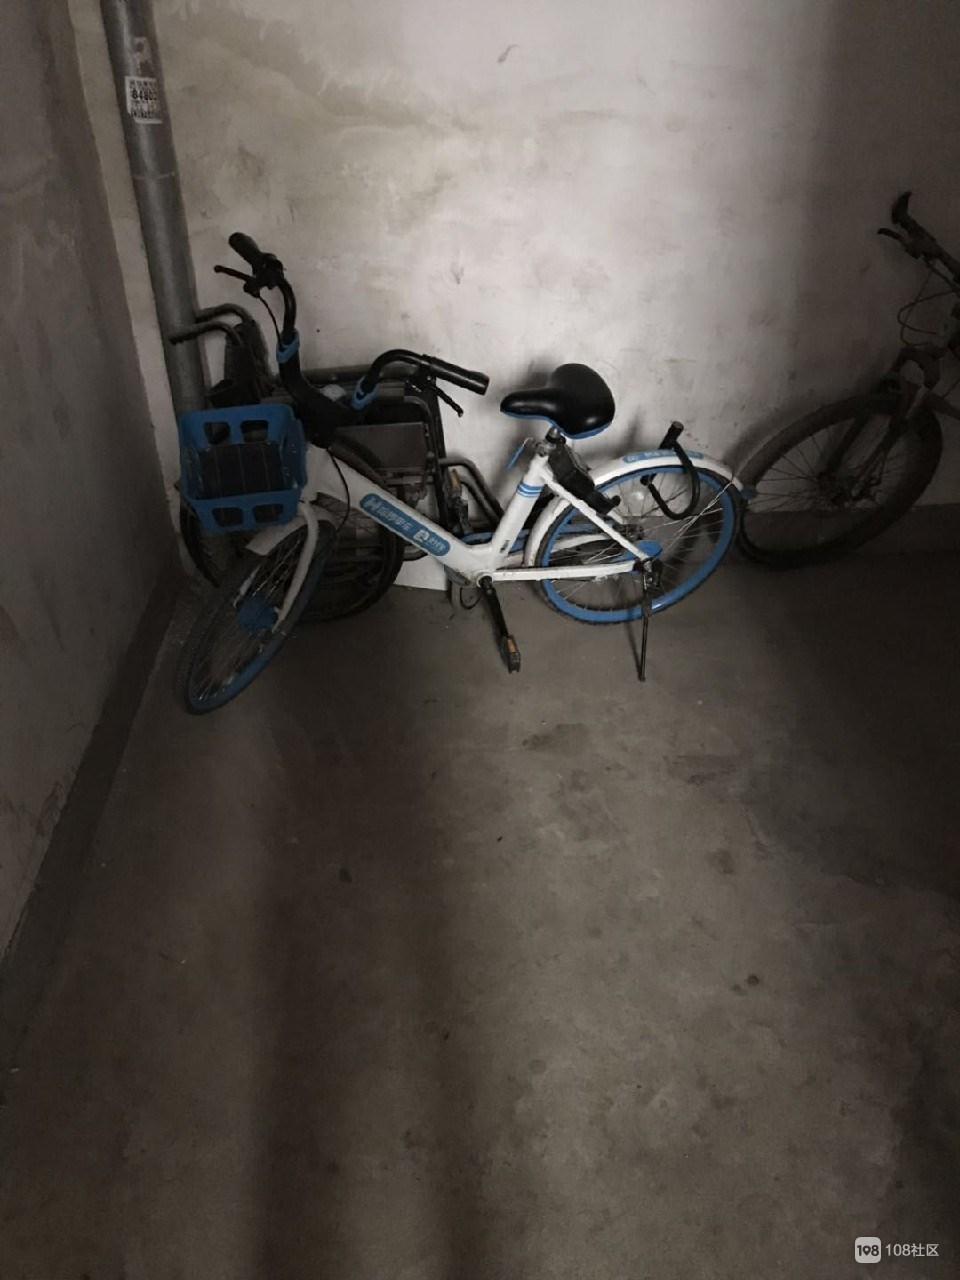 素质呢?时代广场楼道惊现共享单车!还被人上了锁